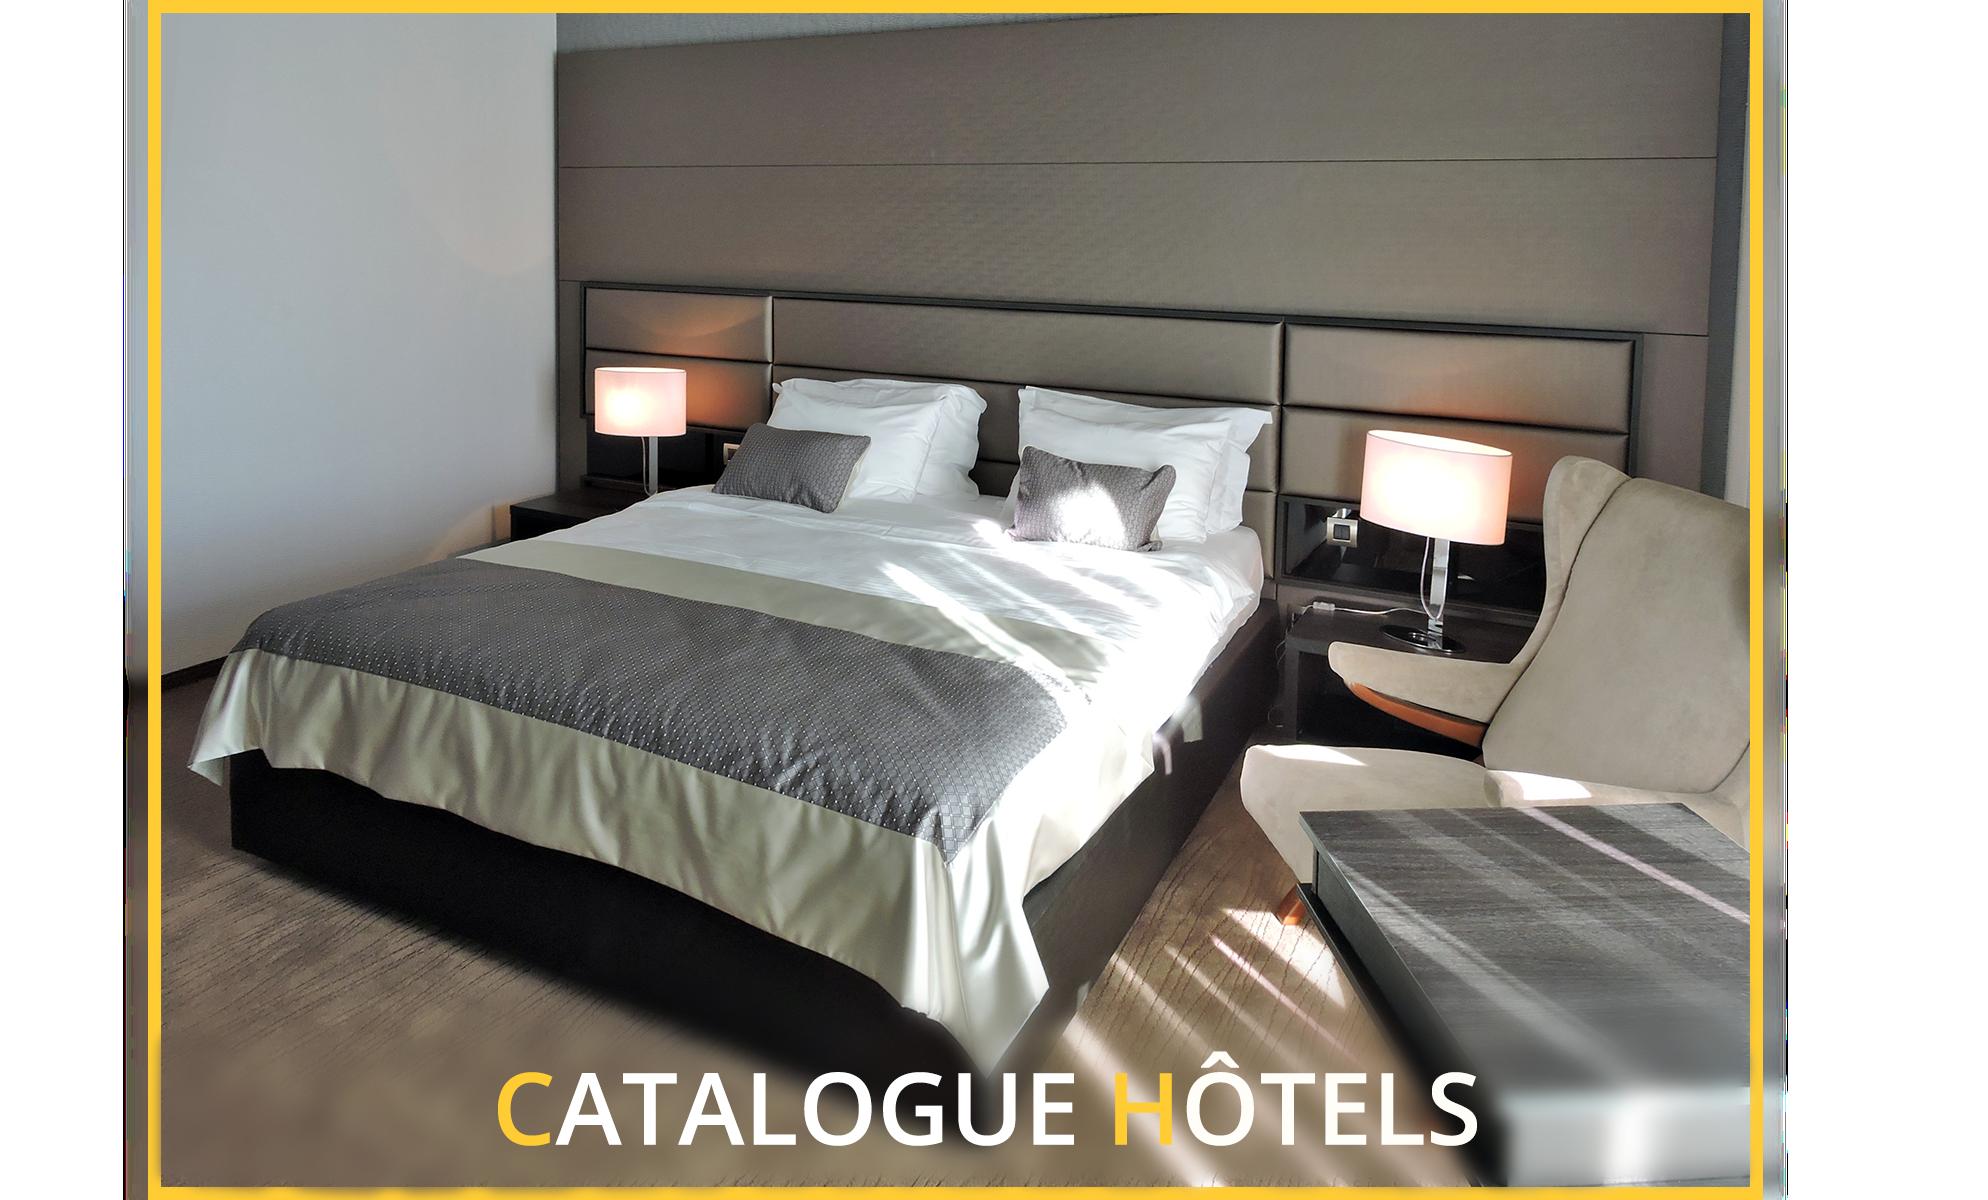 Cata_hotel